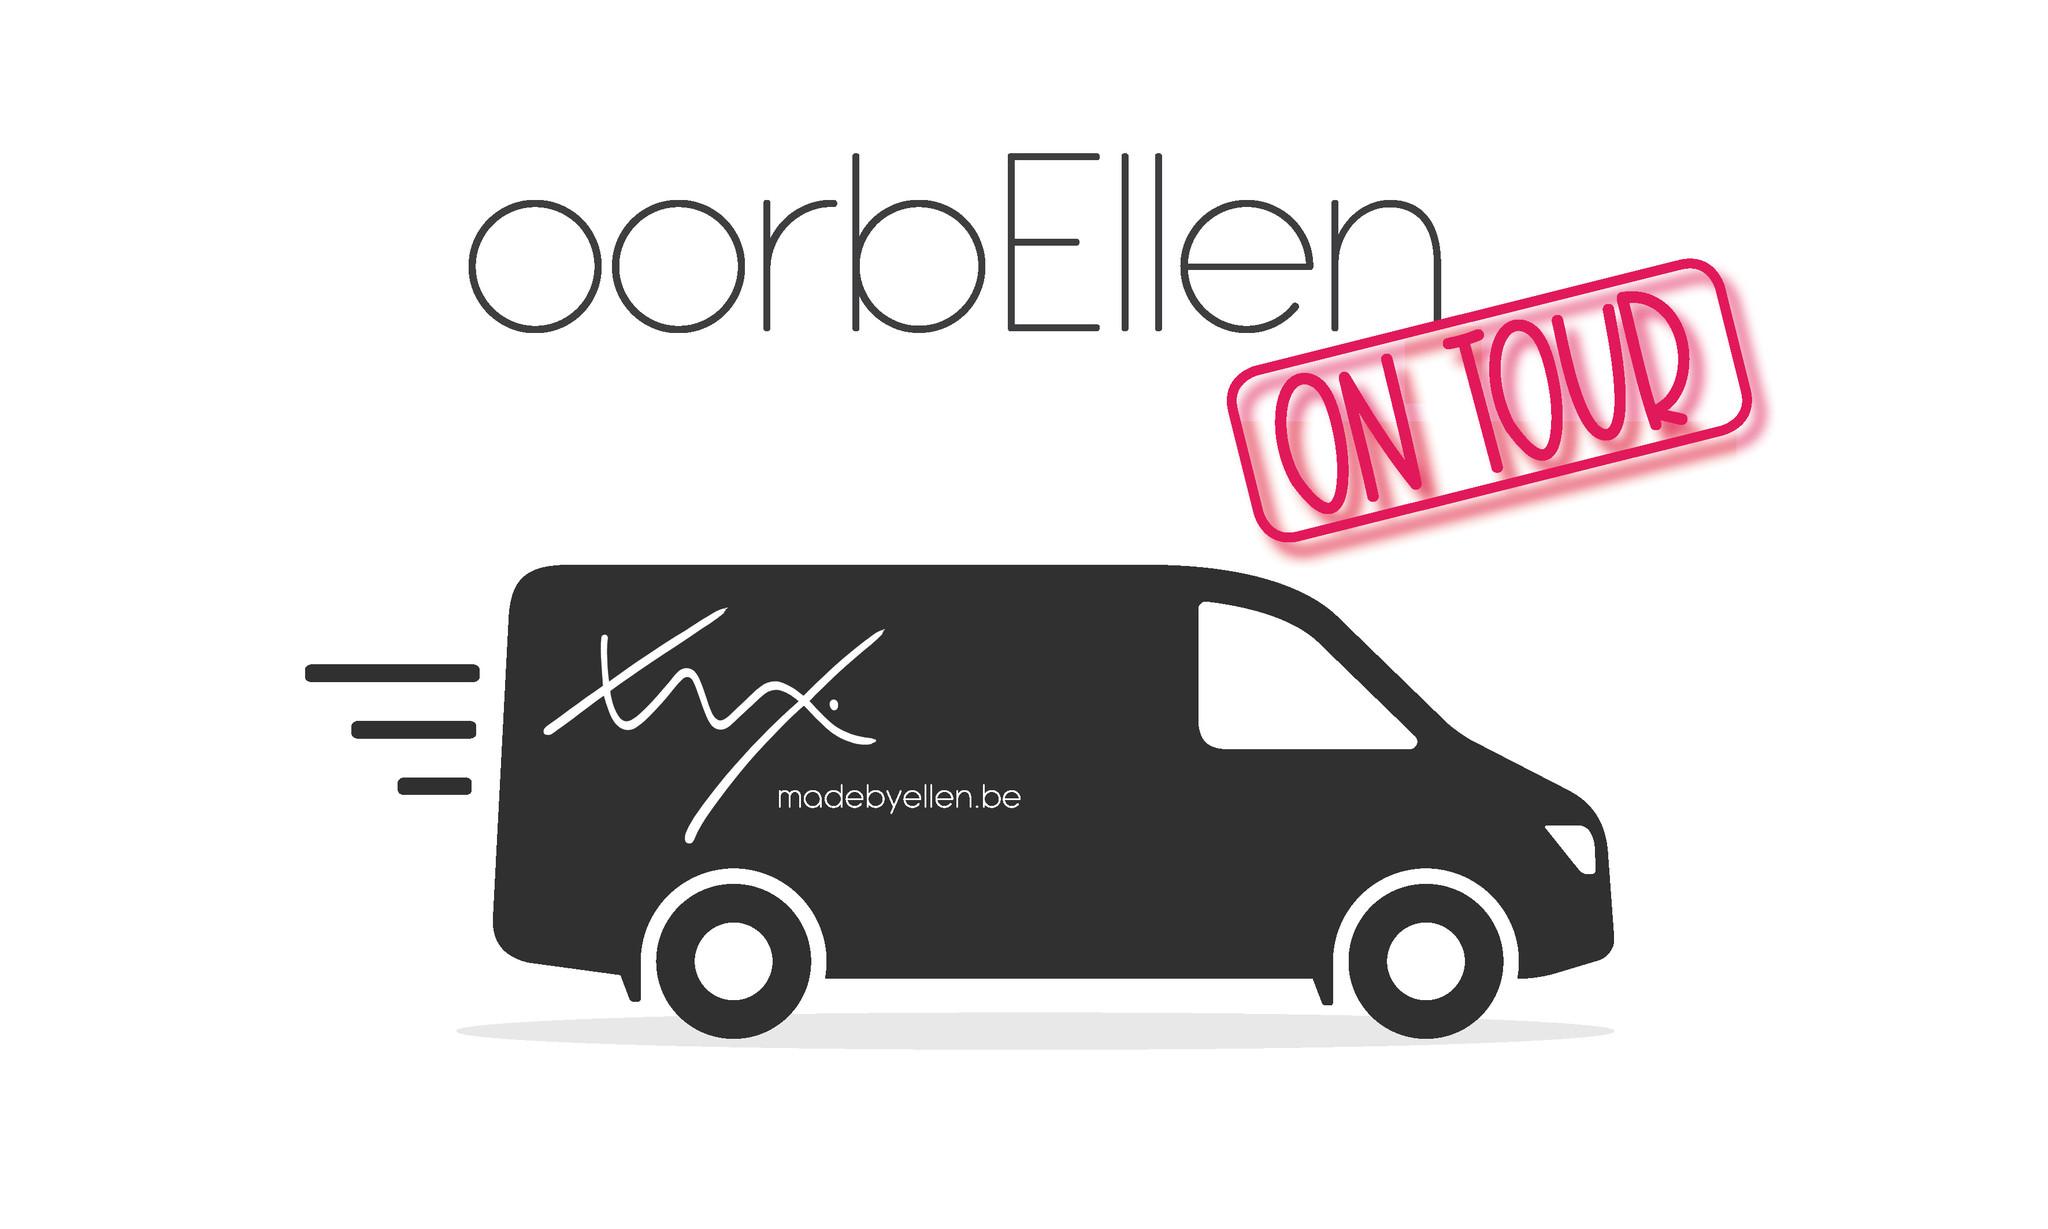 oorbEllen on Tour